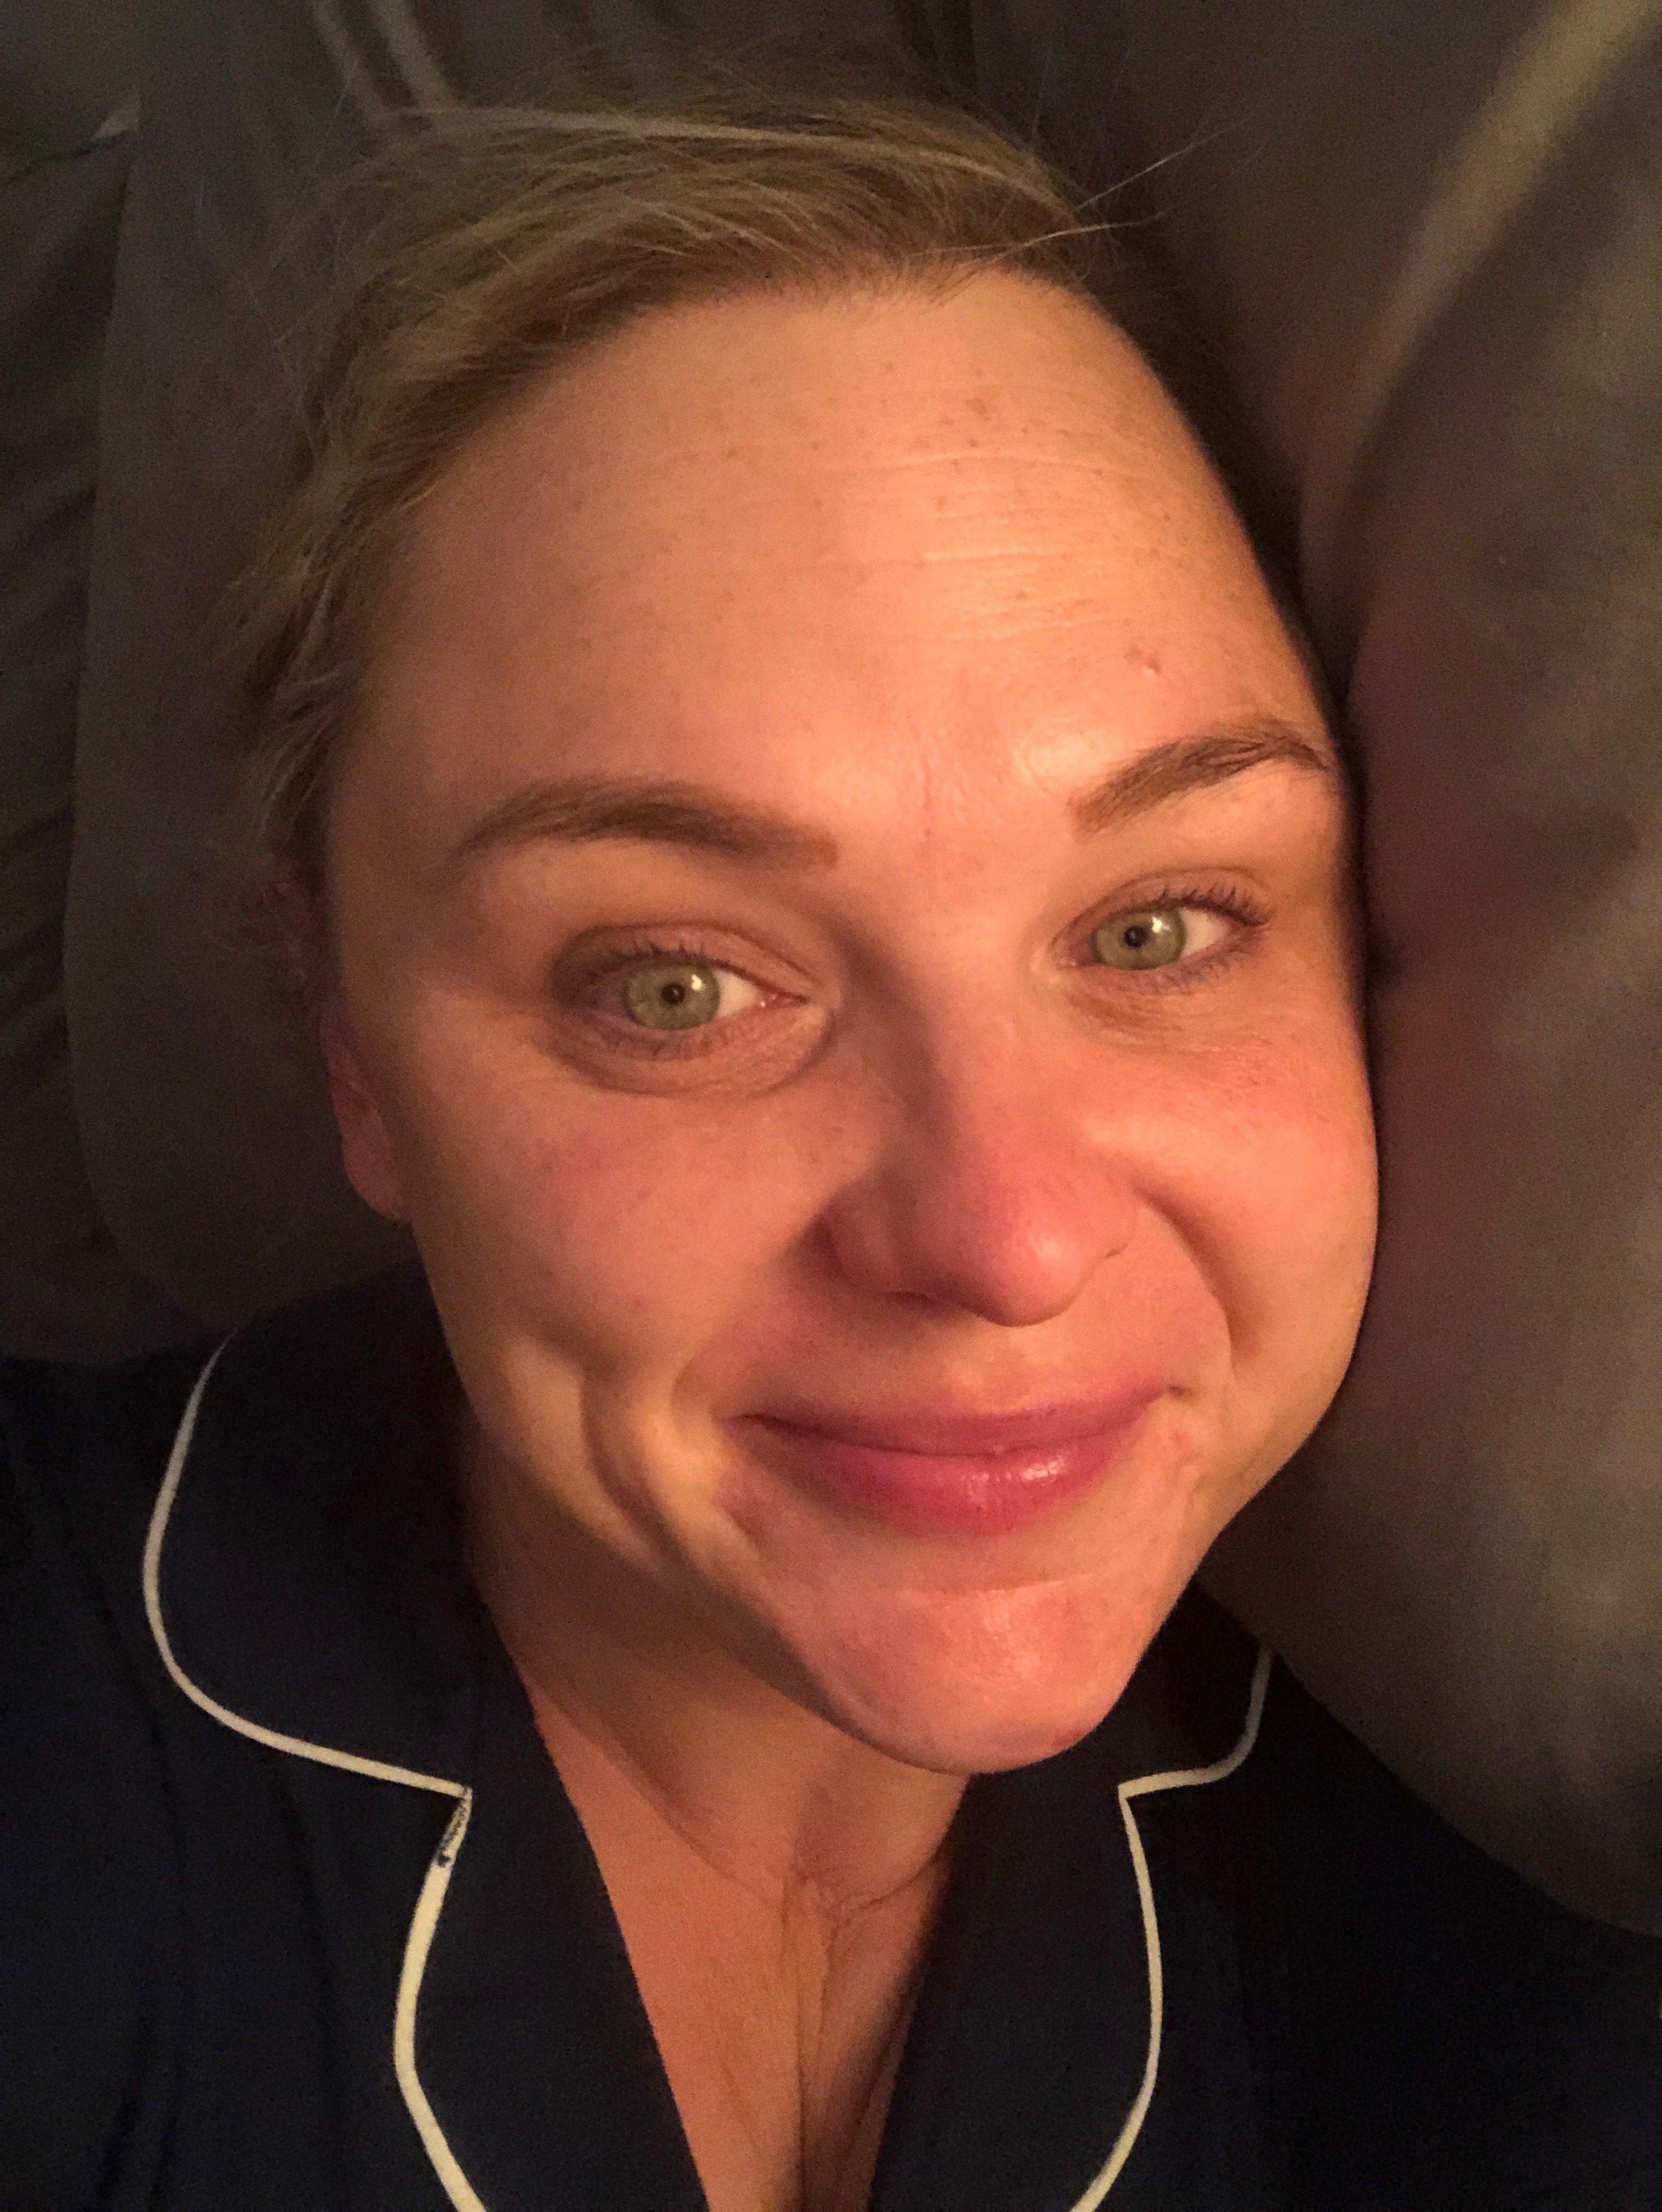 Regenerist Retinol 24 Night Facial Serum  by Olay #19